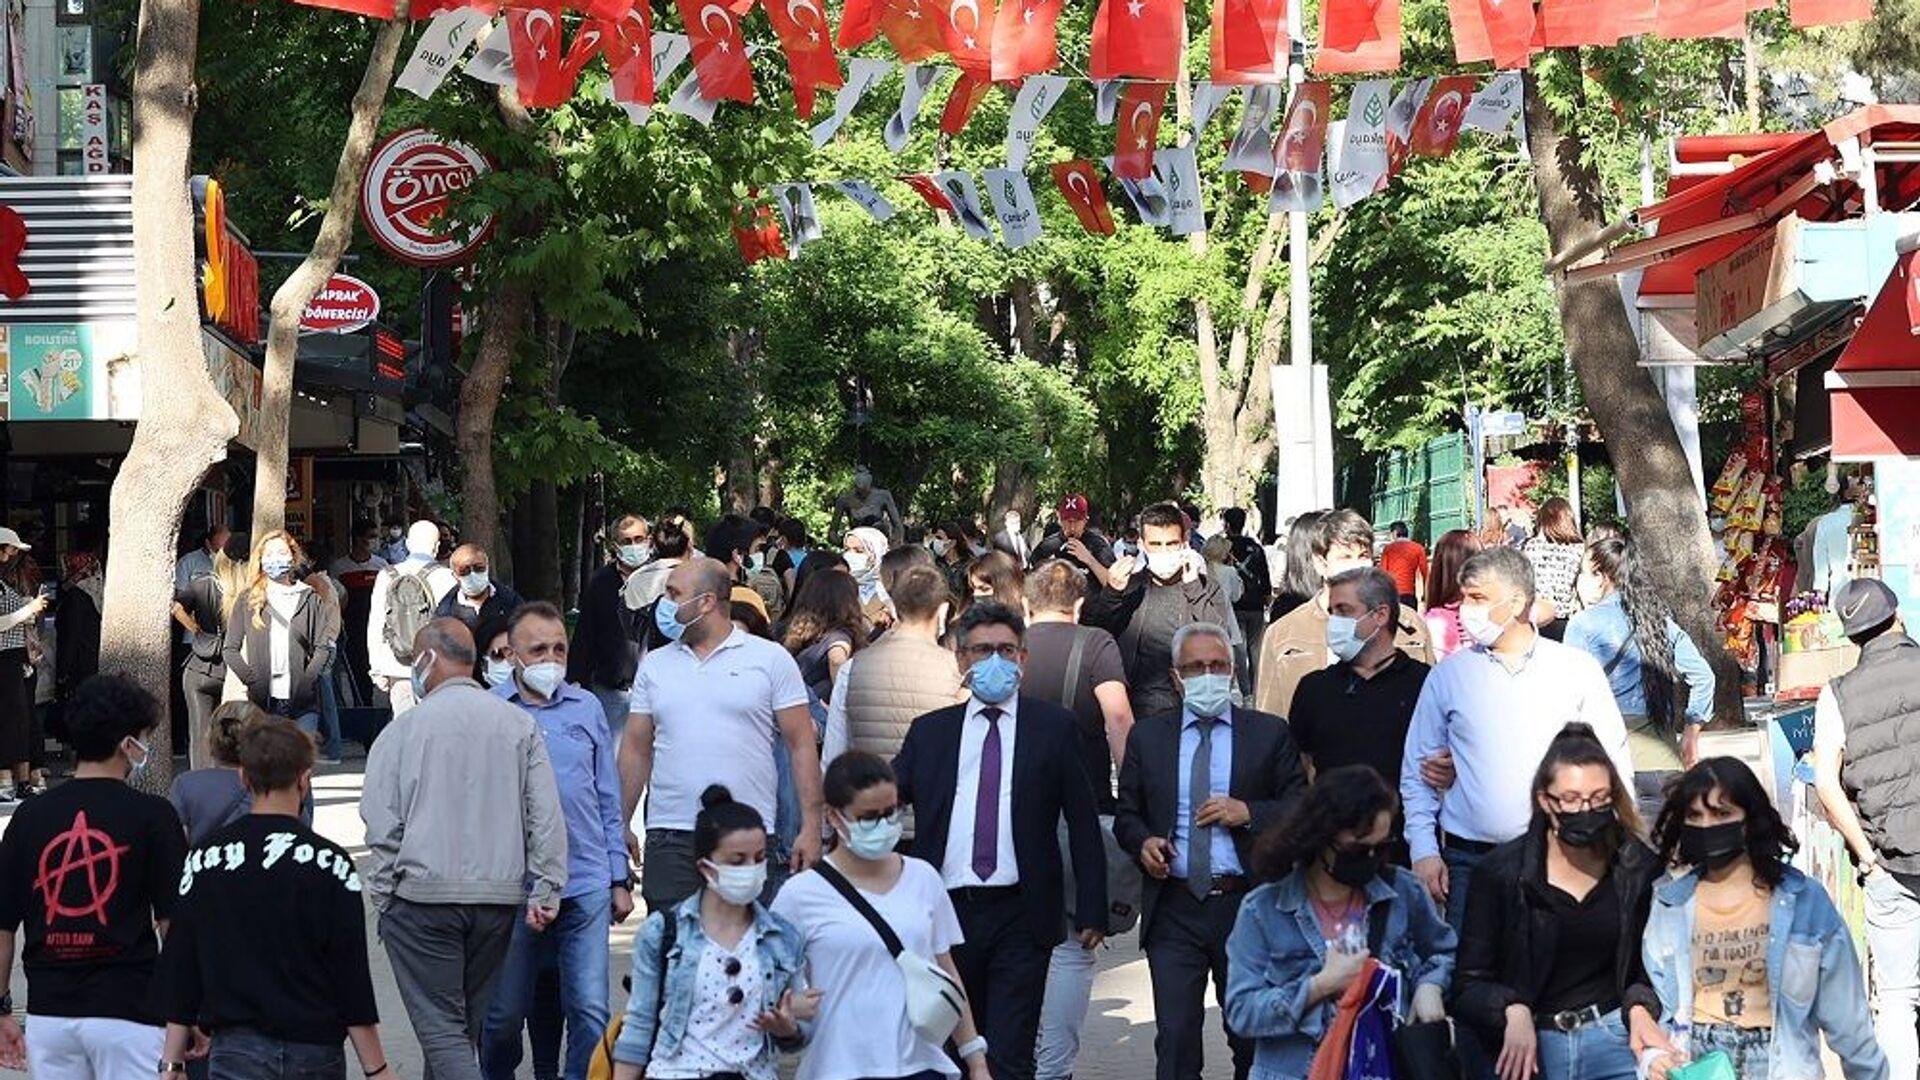 Vaka-maskeli insanlar-Ankara - Sputnik Türkiye, 1920, 12.07.2021